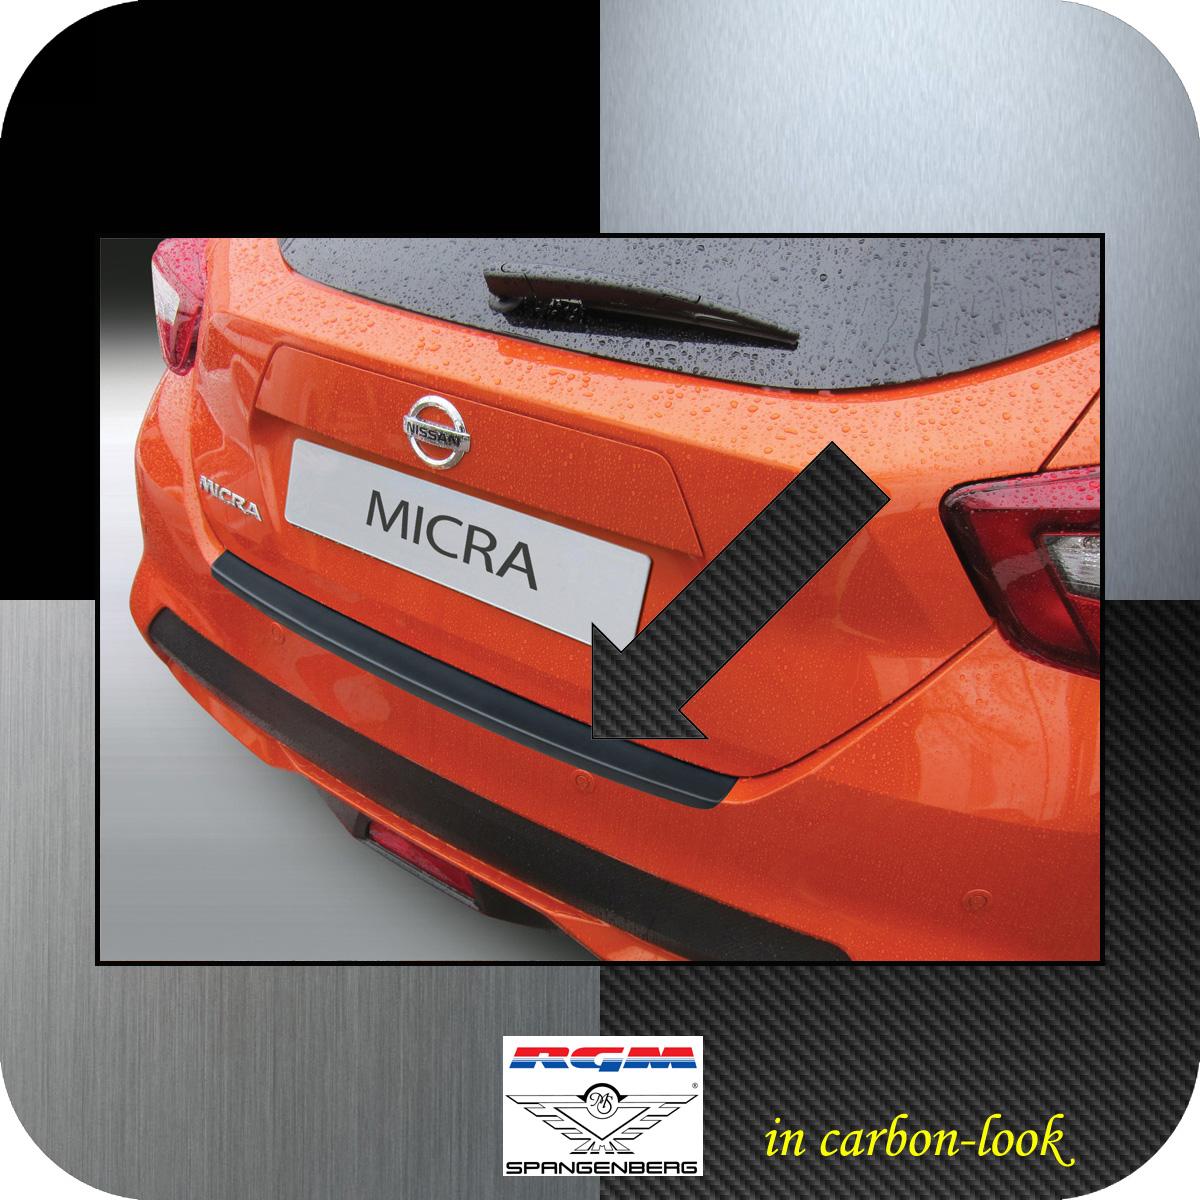 Ladekantenschutz Carbon-Look Nissan Micra Schrägheck Typ K14 ab 12.2016- 3509993